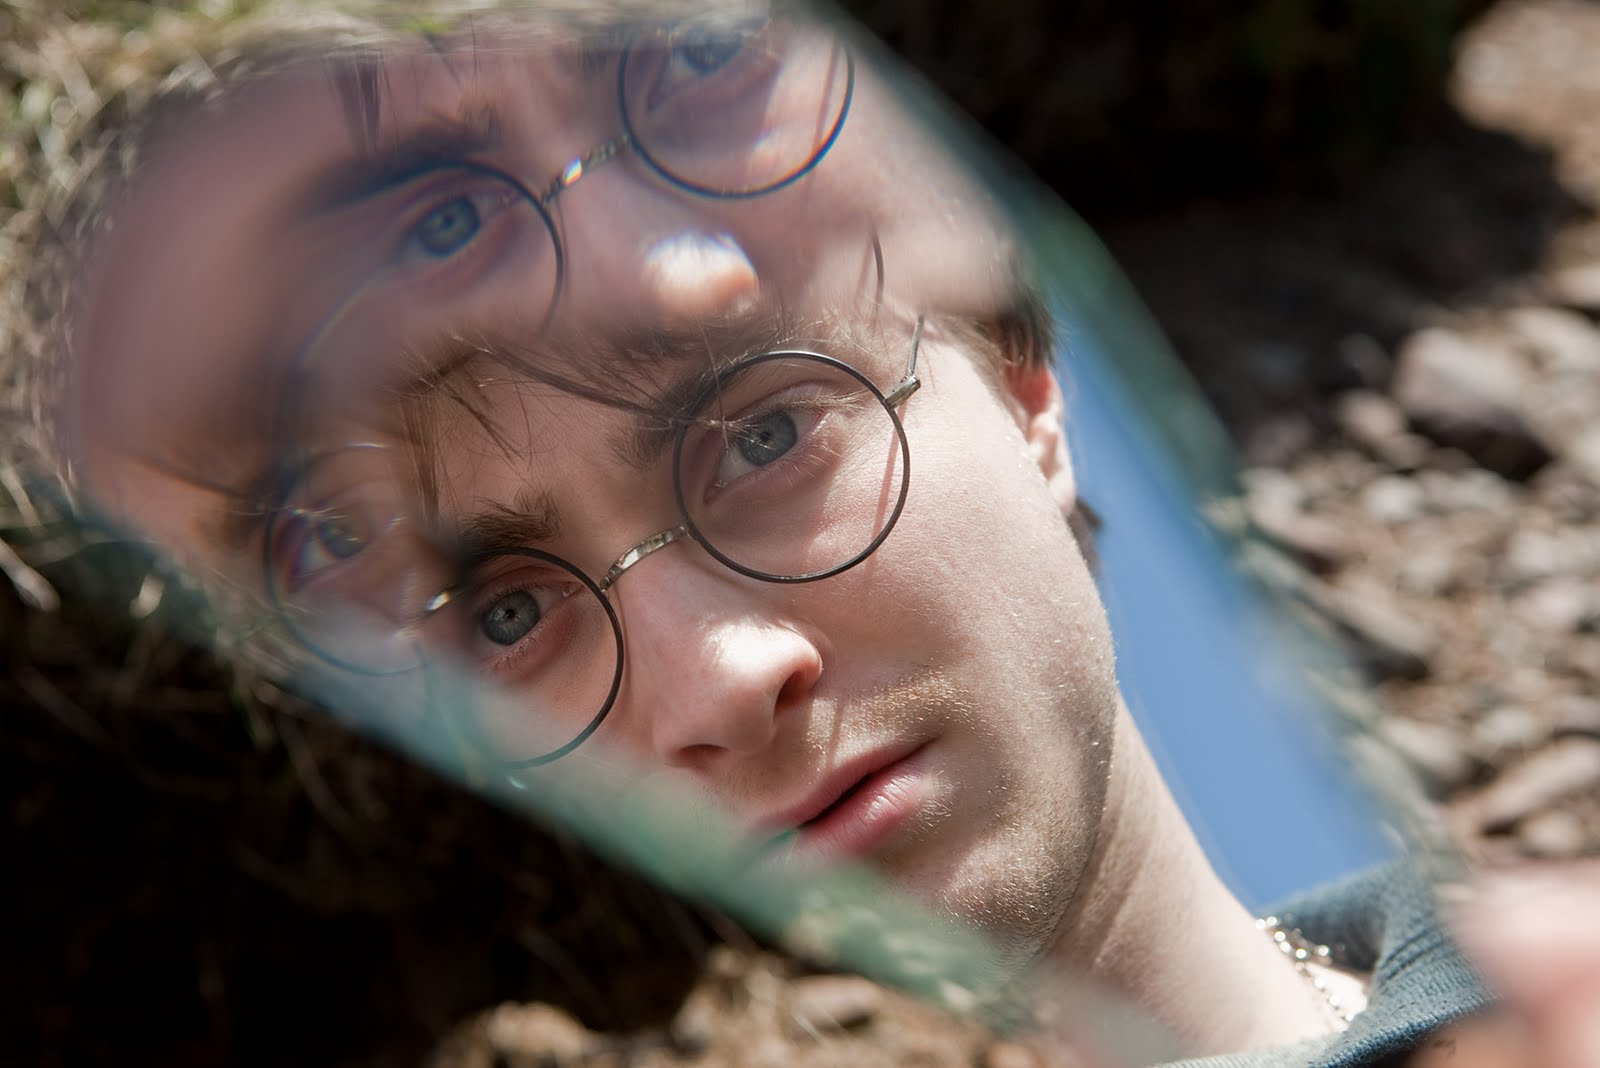 http://2.bp.blogspot.com/_2fdwksuATNA/TIW8-72fP3I/AAAAAAAAAP8/gYzgmeQ4Pec/s1600/Harry+Potter+7+Deathly+Hallows.jpg